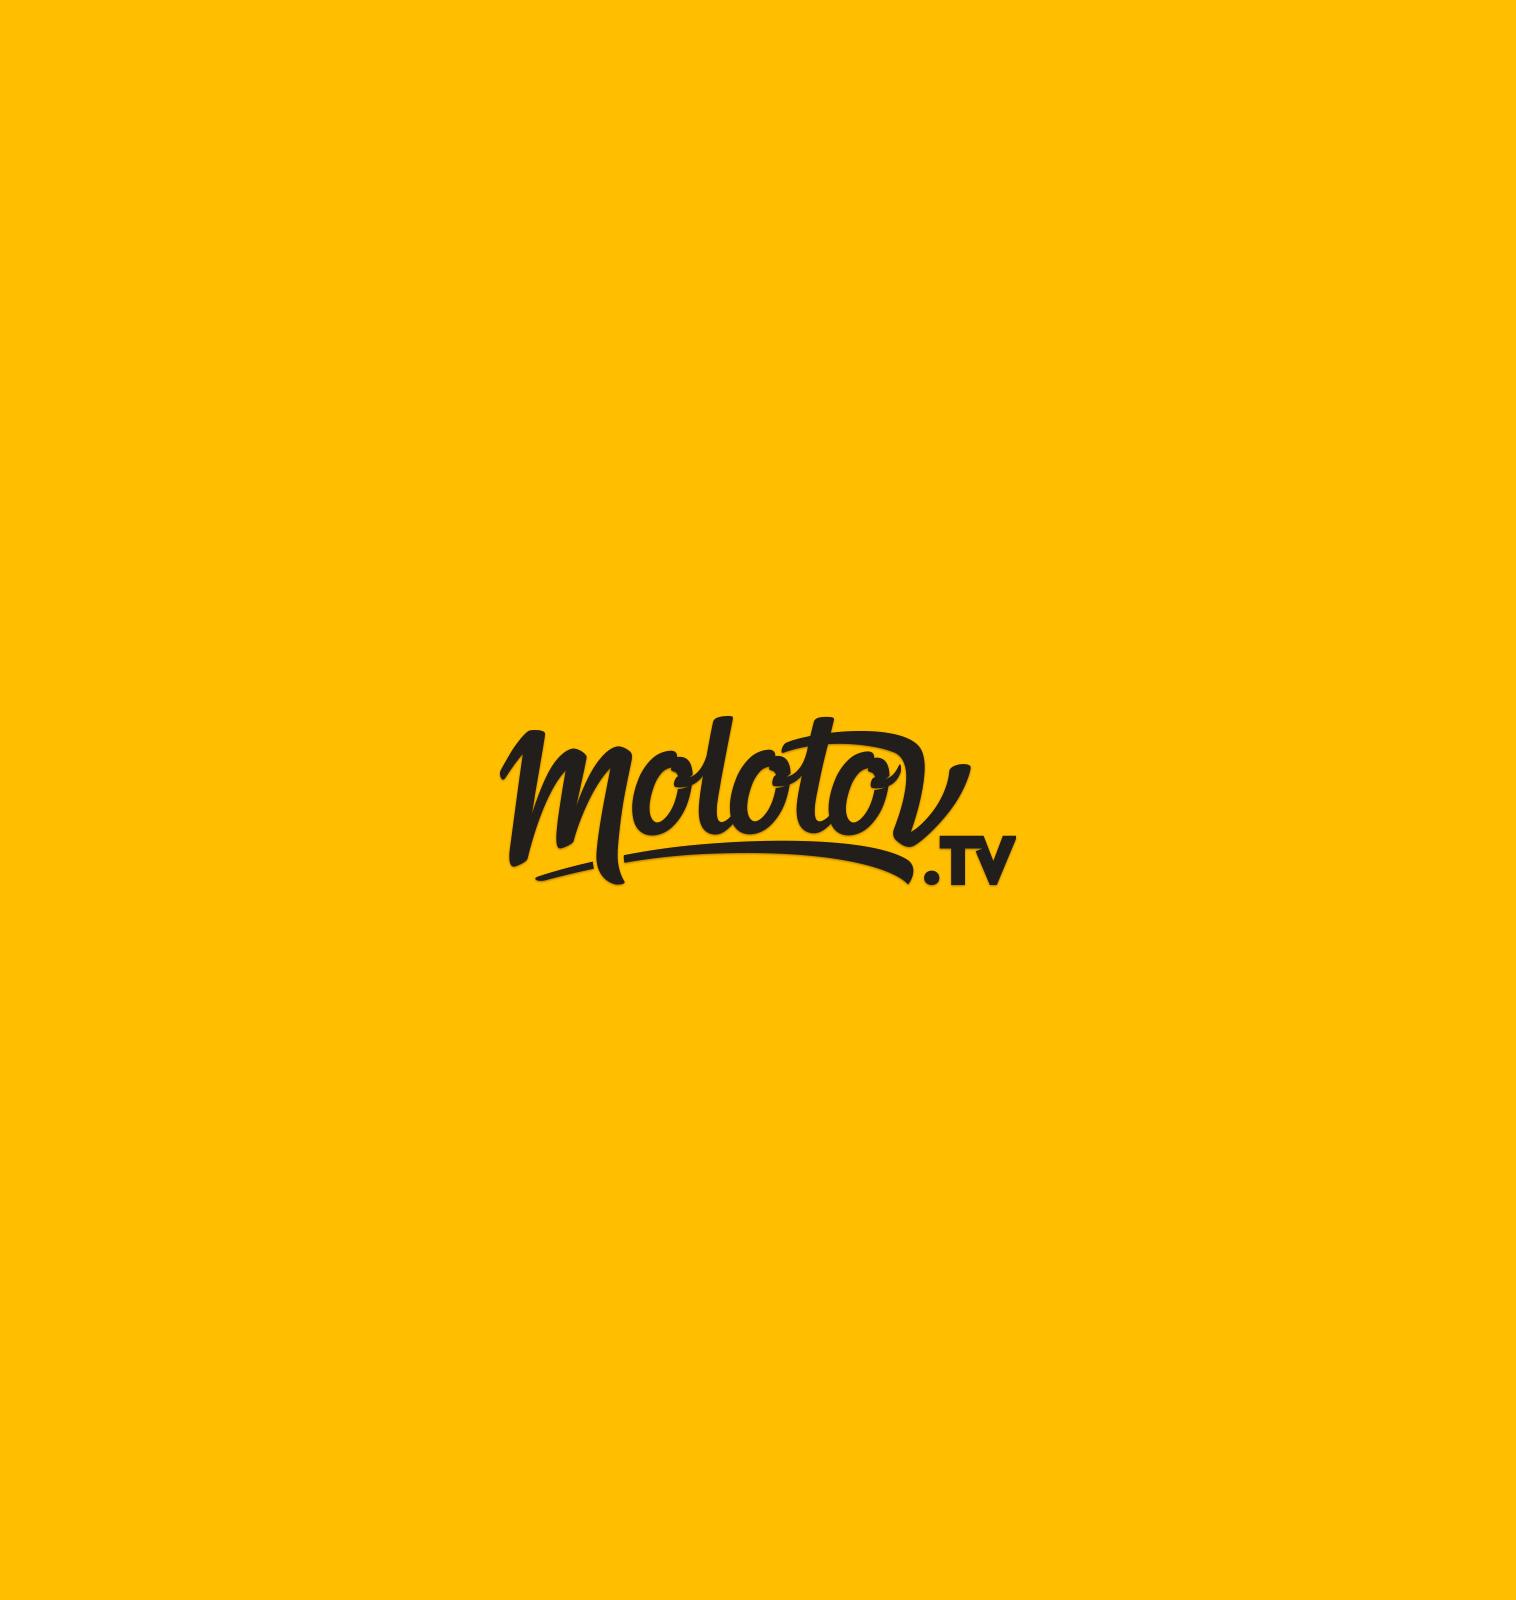 Molotov™